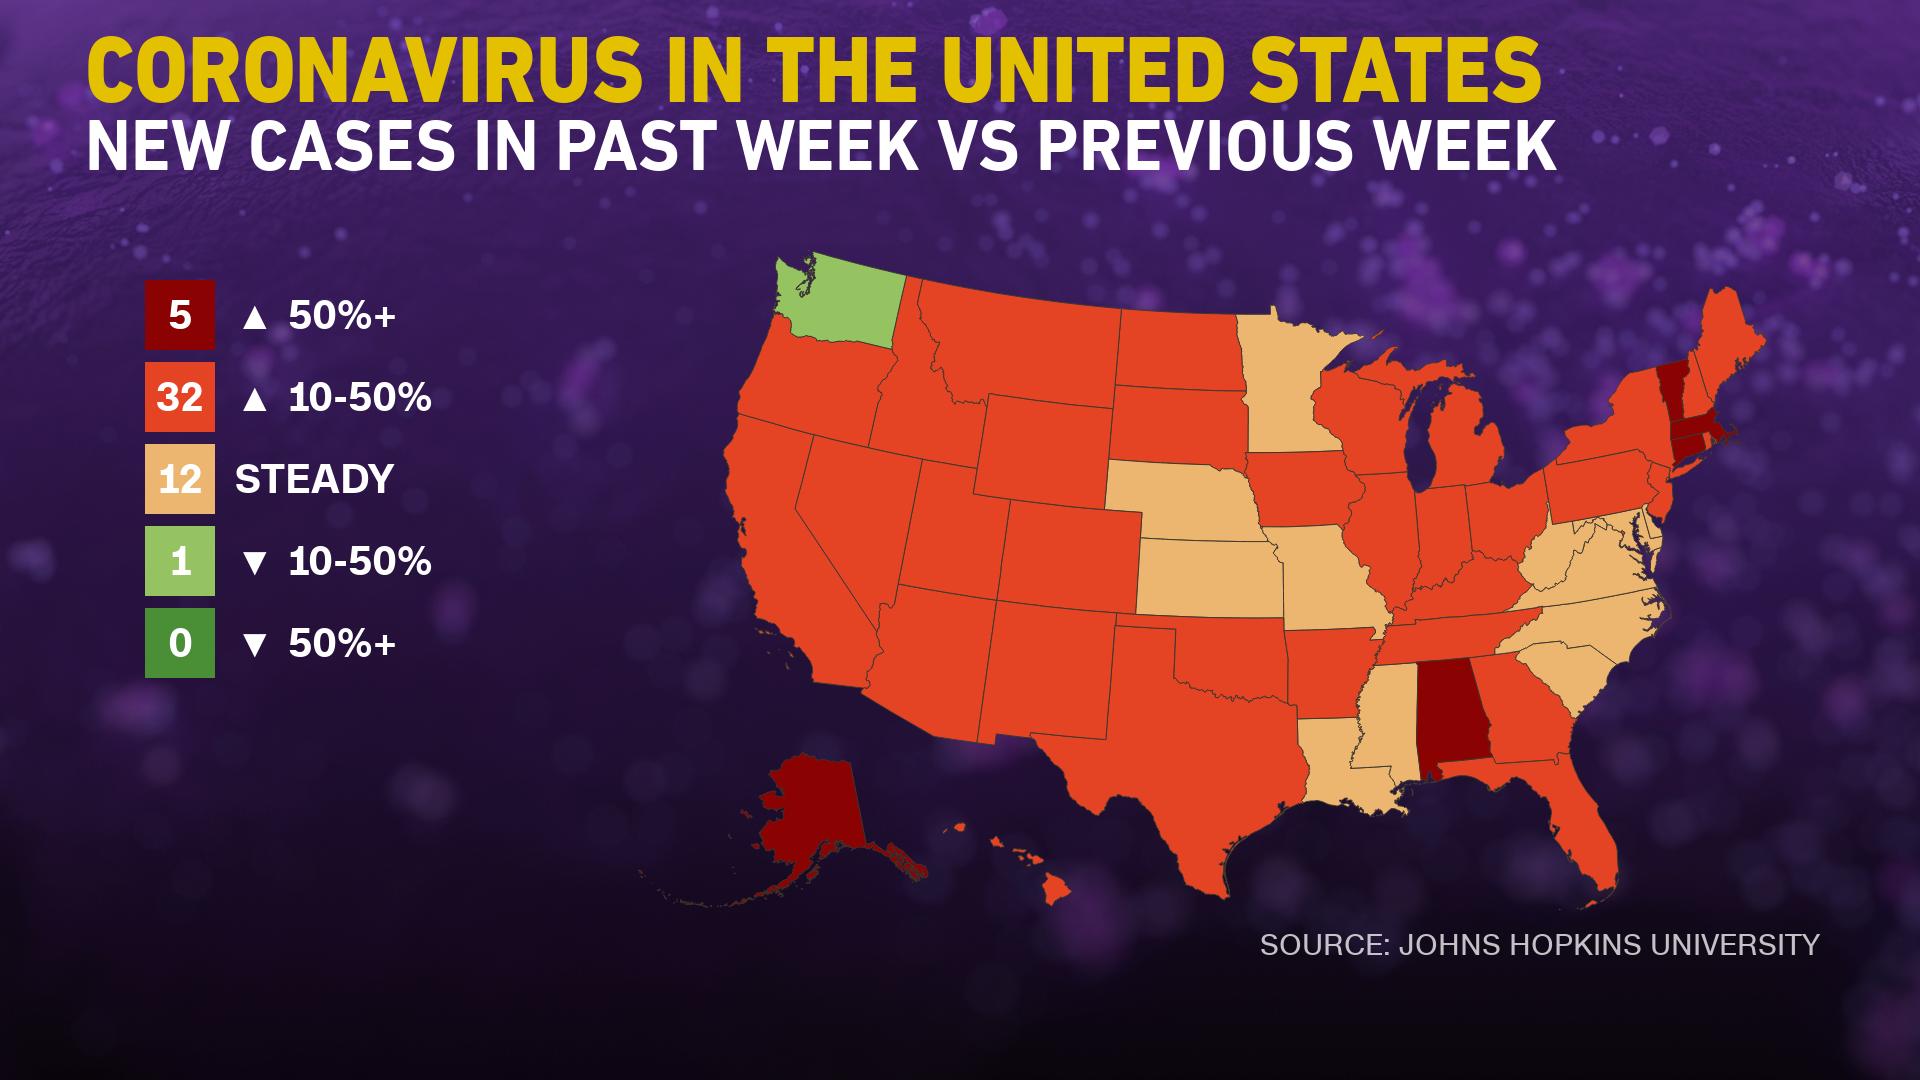 10/27美国疫情更新:美37州的新增确诊病例增加10%;世卫:过去一周全世界报告280万起确诊病例